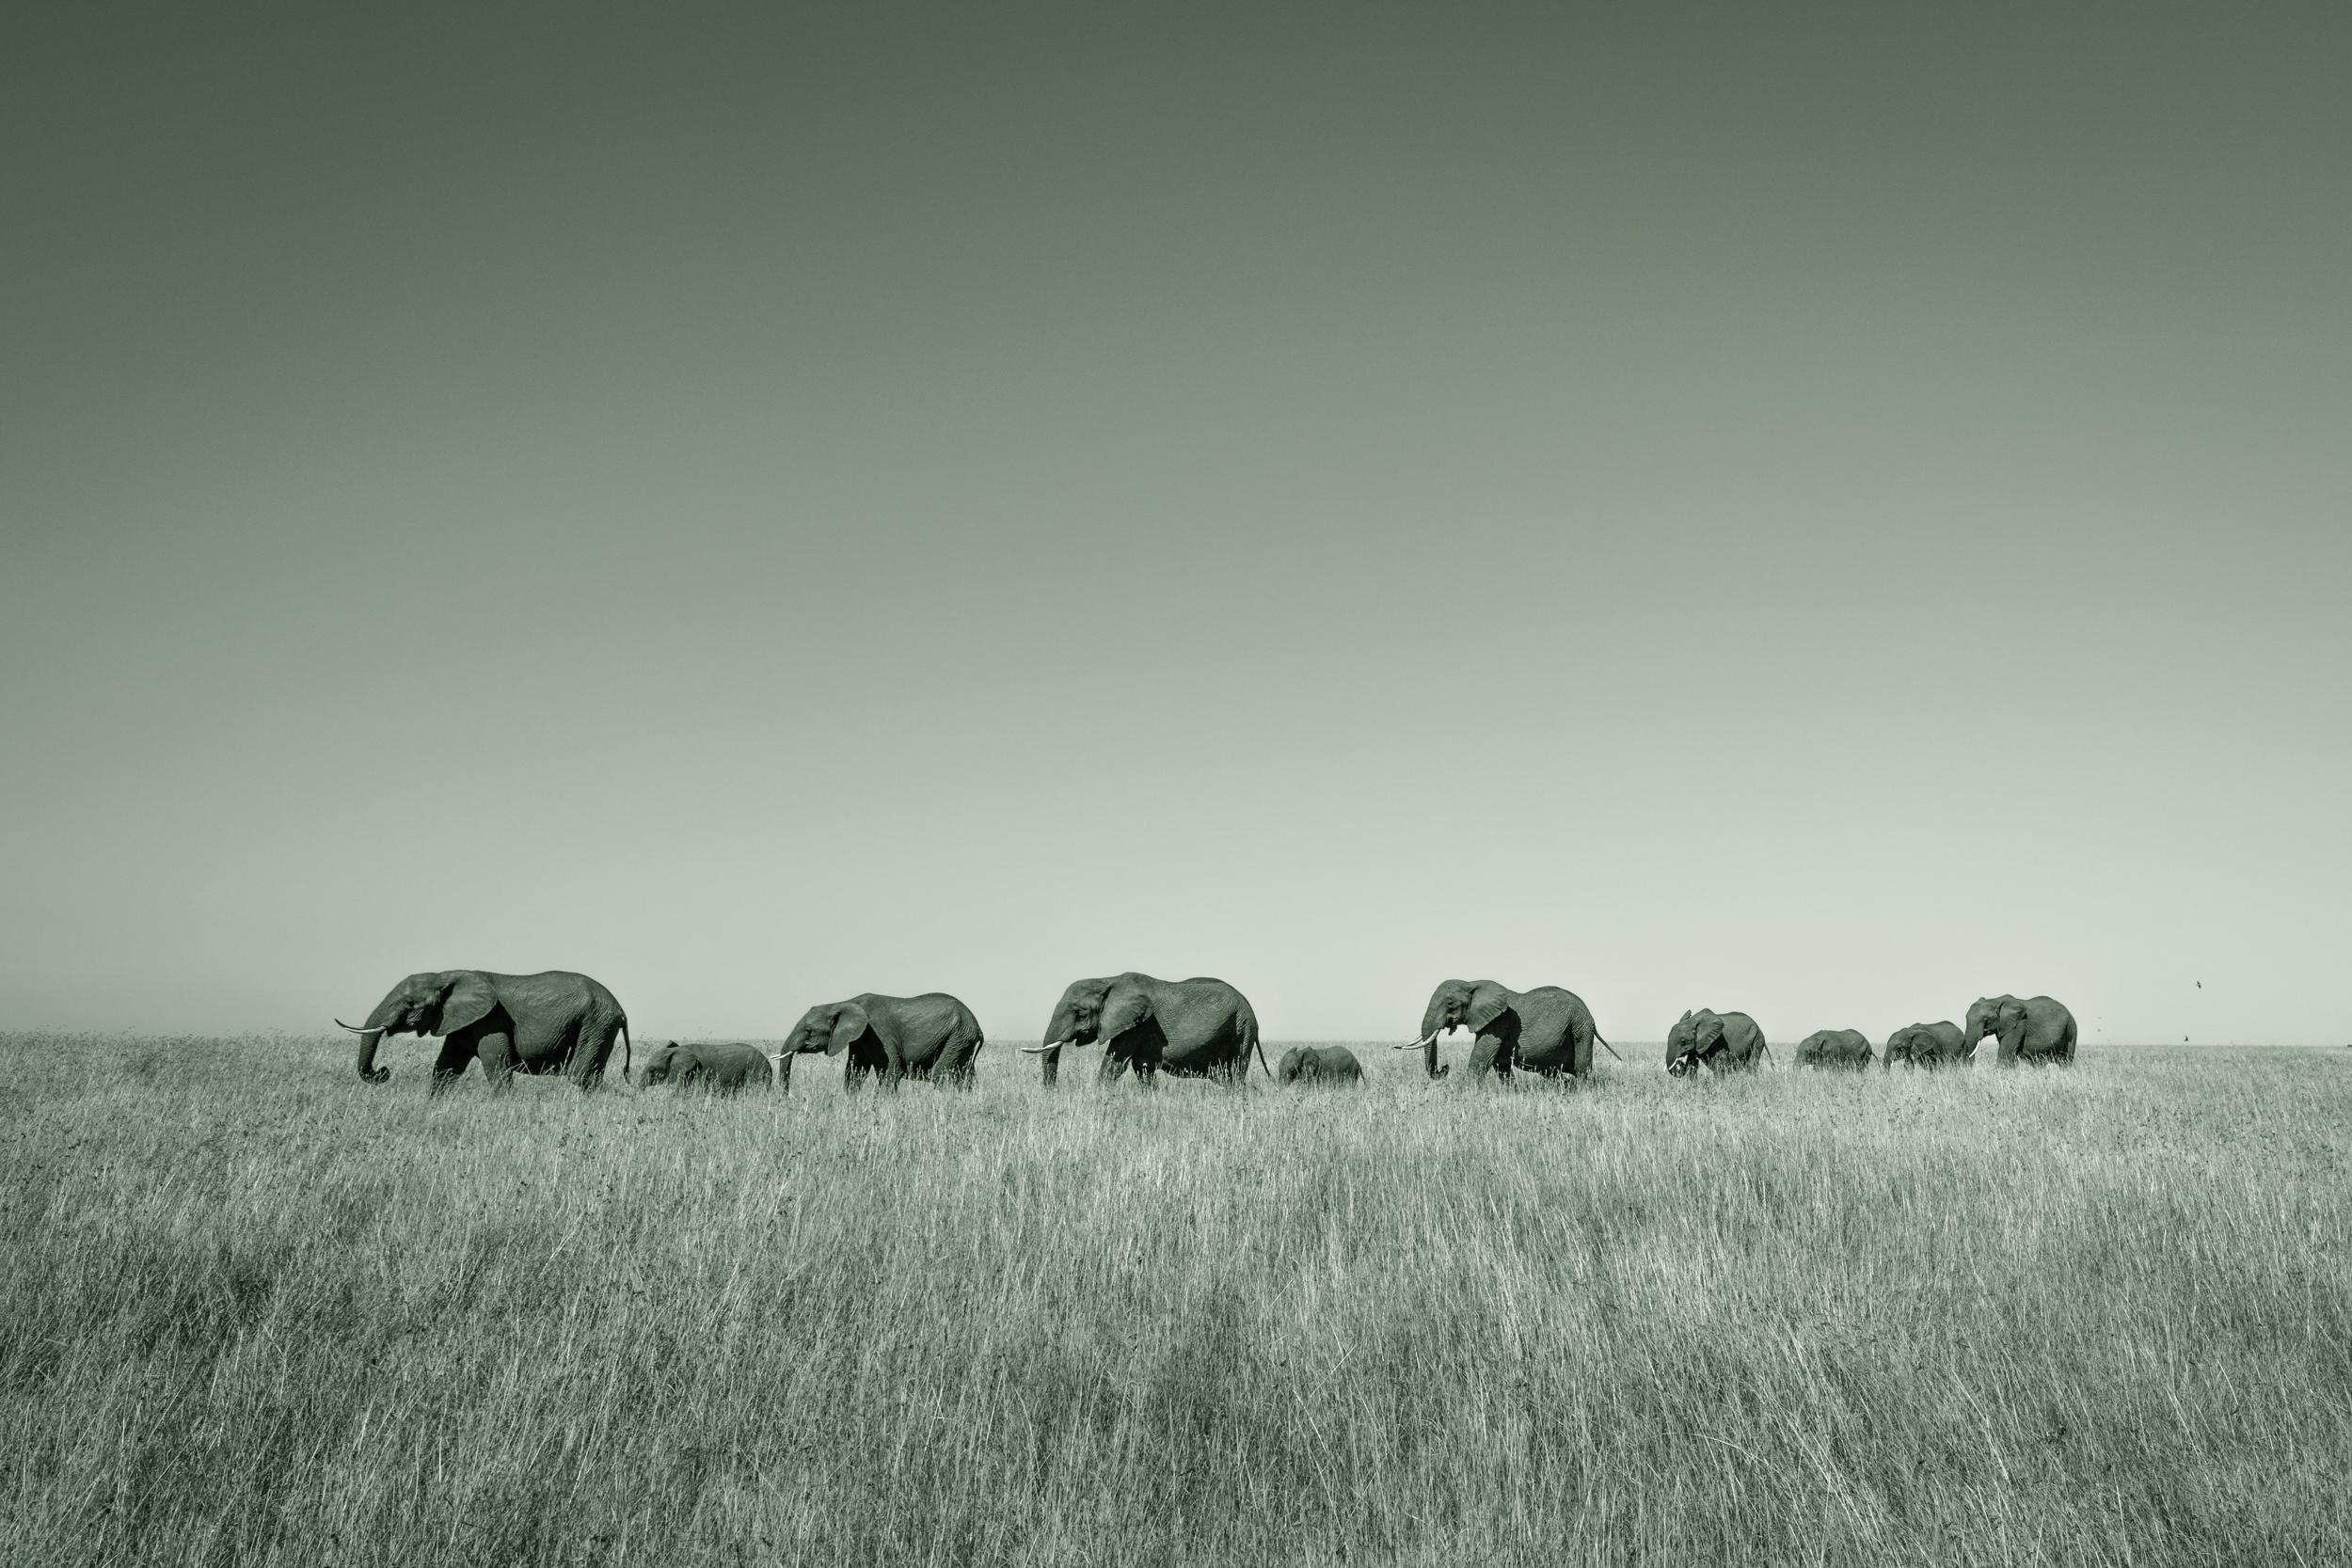 A herd of elephants walk in line towards a nearby watering hole